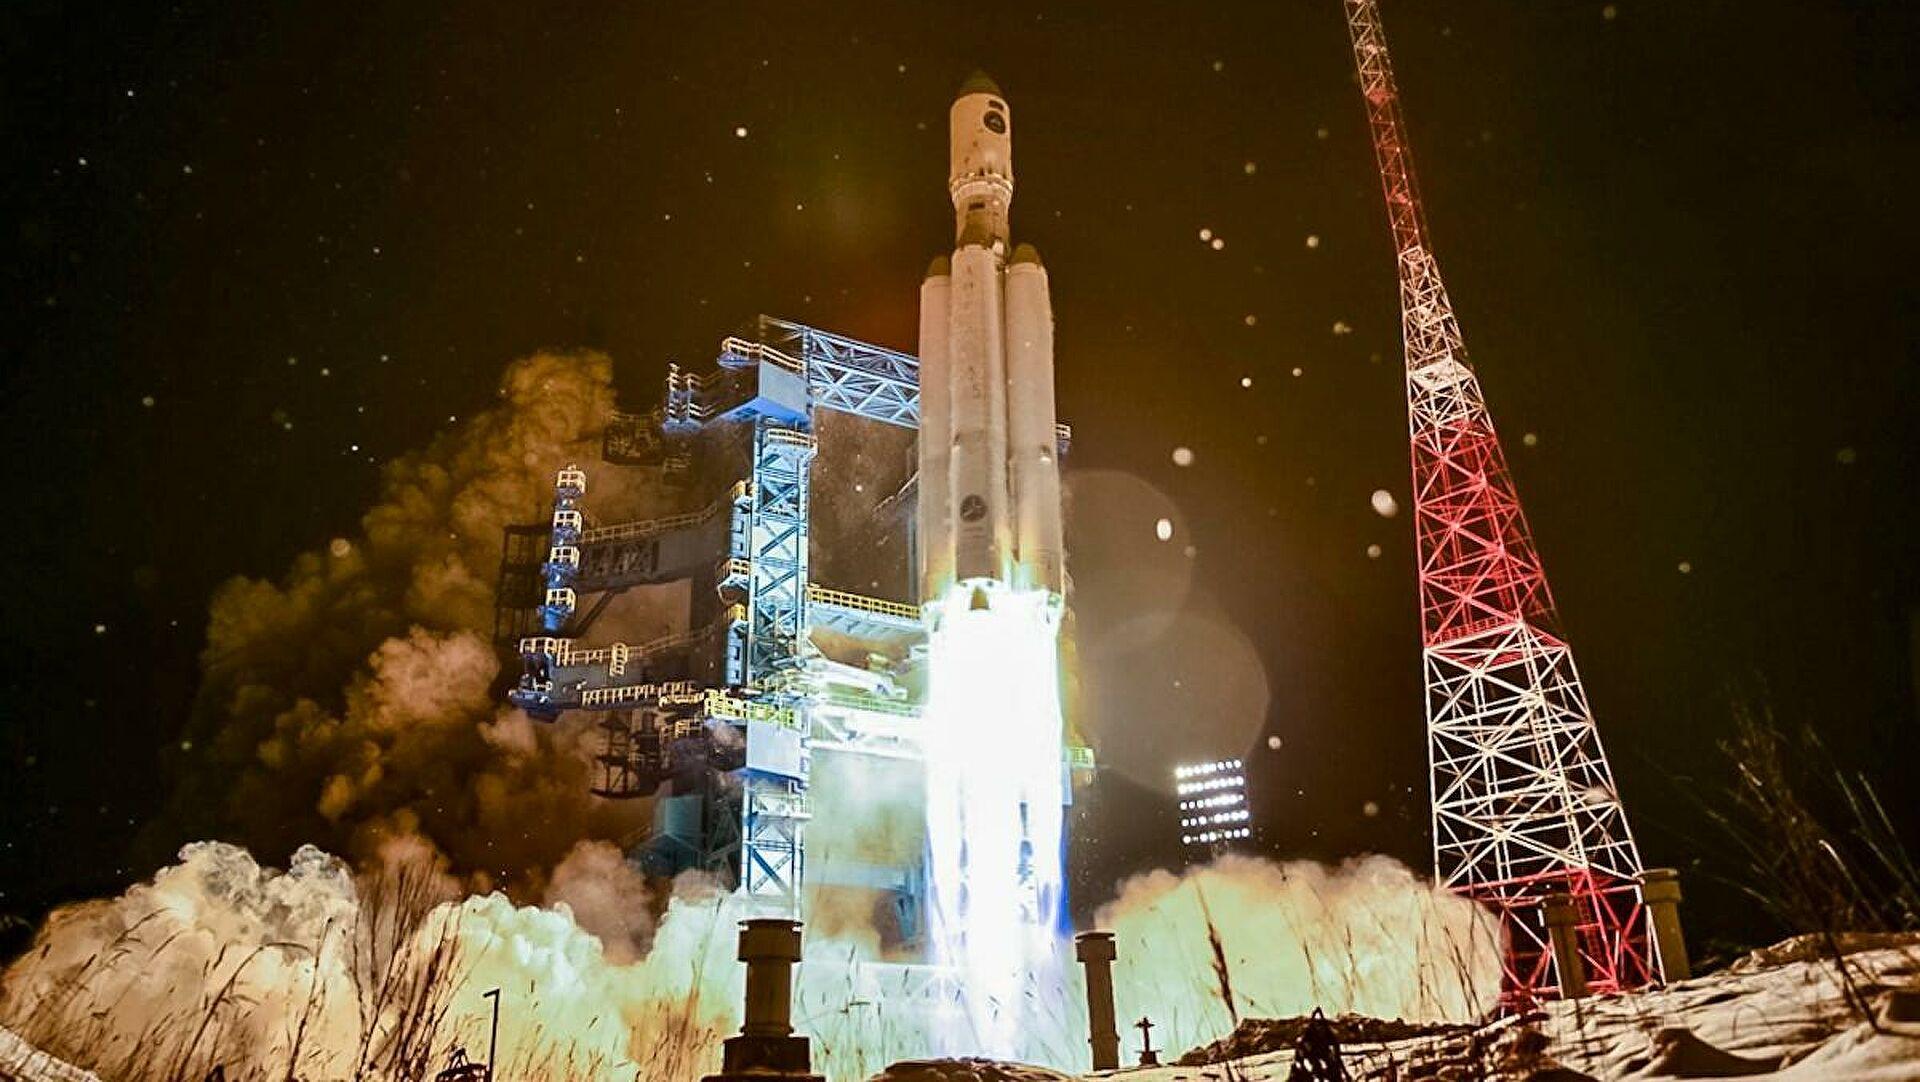 U periodu od 2022. do 2030. godine Rusija prelazi na novu raketnu i kosmičku tehnologiju